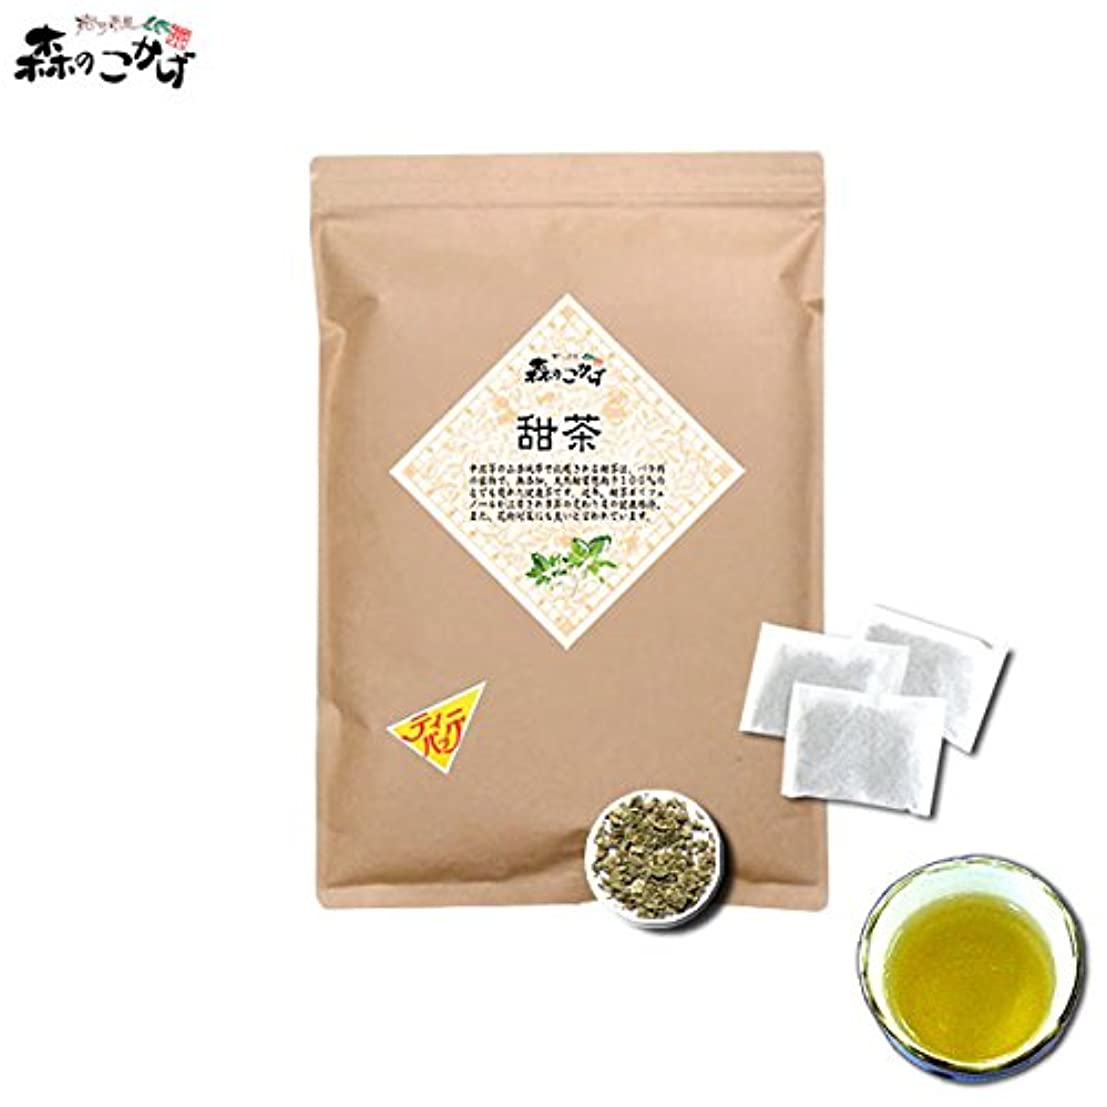 ウガンダエレガント魅惑する森のこかげ 甜茶 (2g×100p 内容量変更) バラ科 甜葉懸鈎子 てんようけんこうし テン茶 100% B